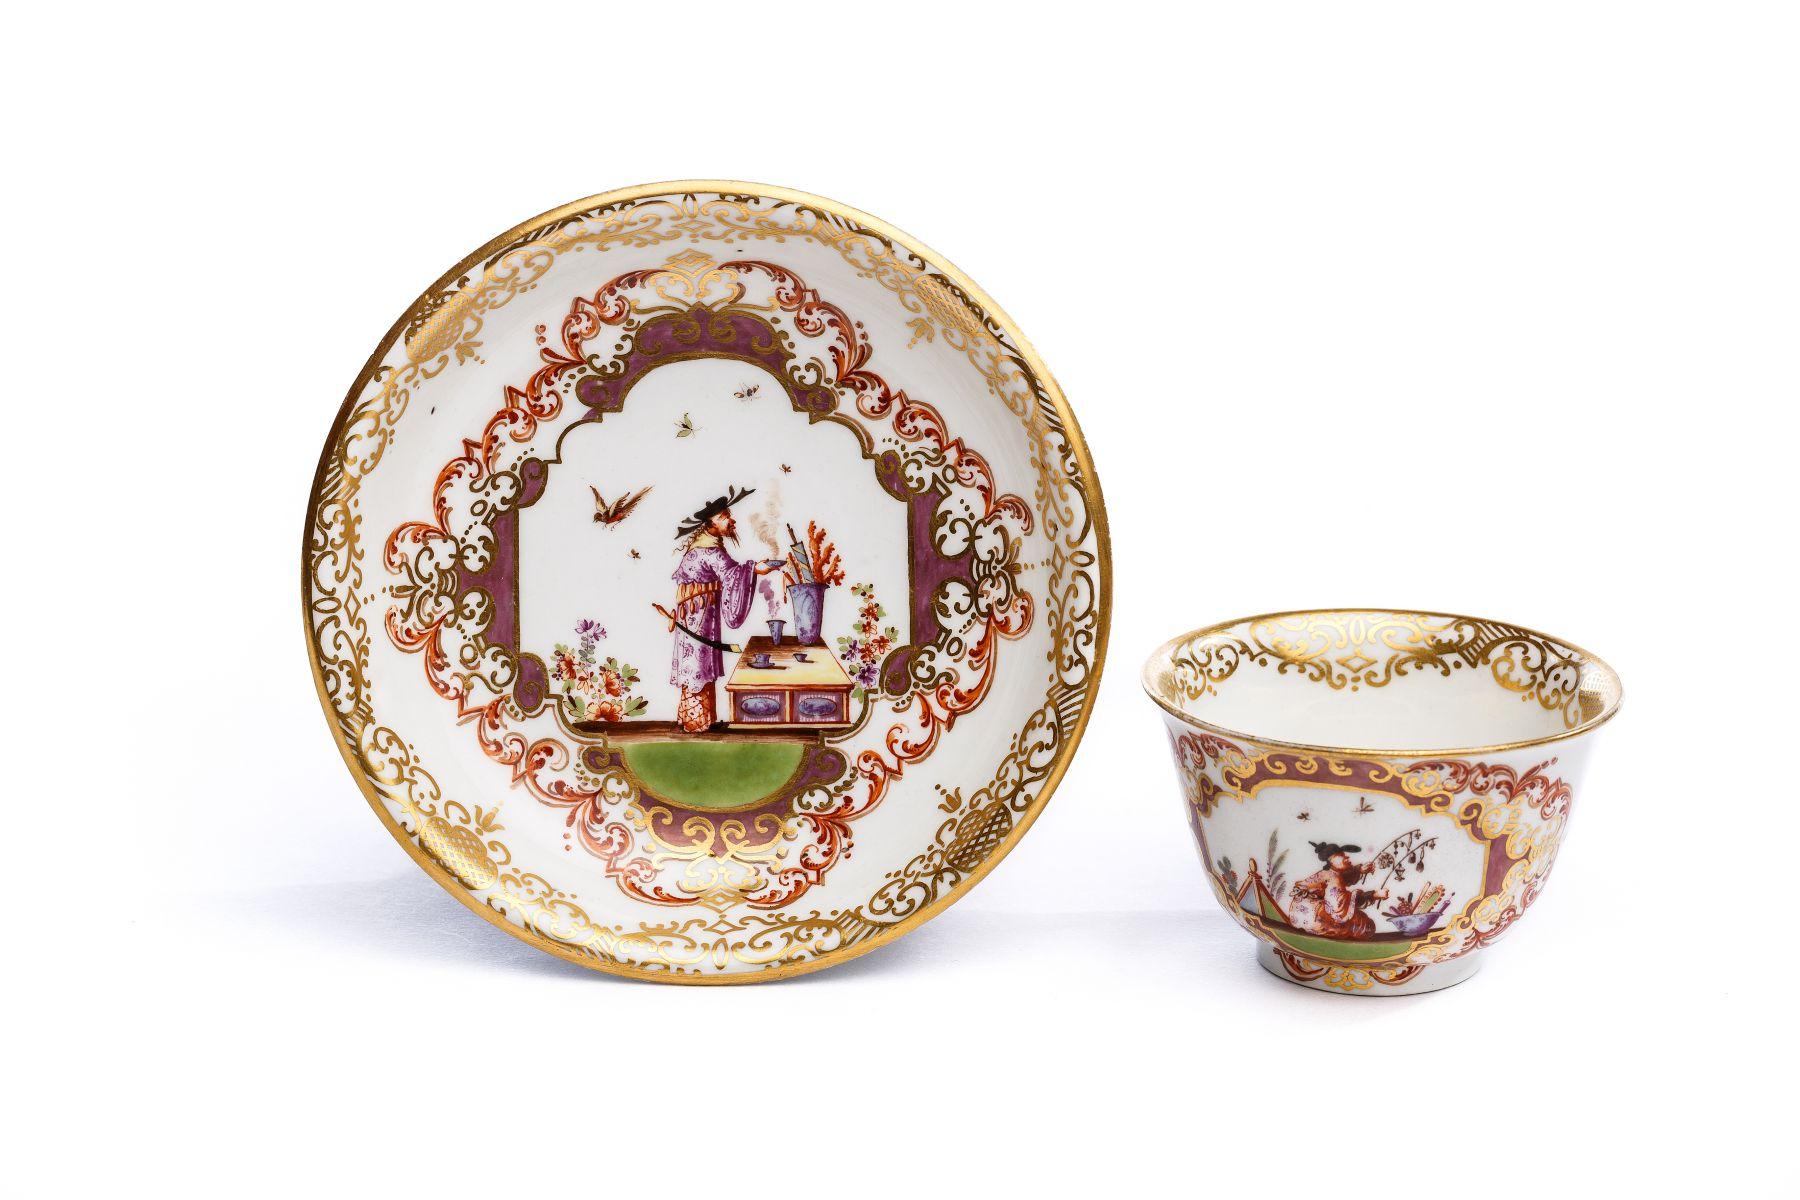 #24 Bowl with Saucer, Meissen 1723/25 | Koppchen mit Unterschale, Meissen 1723/25 Image